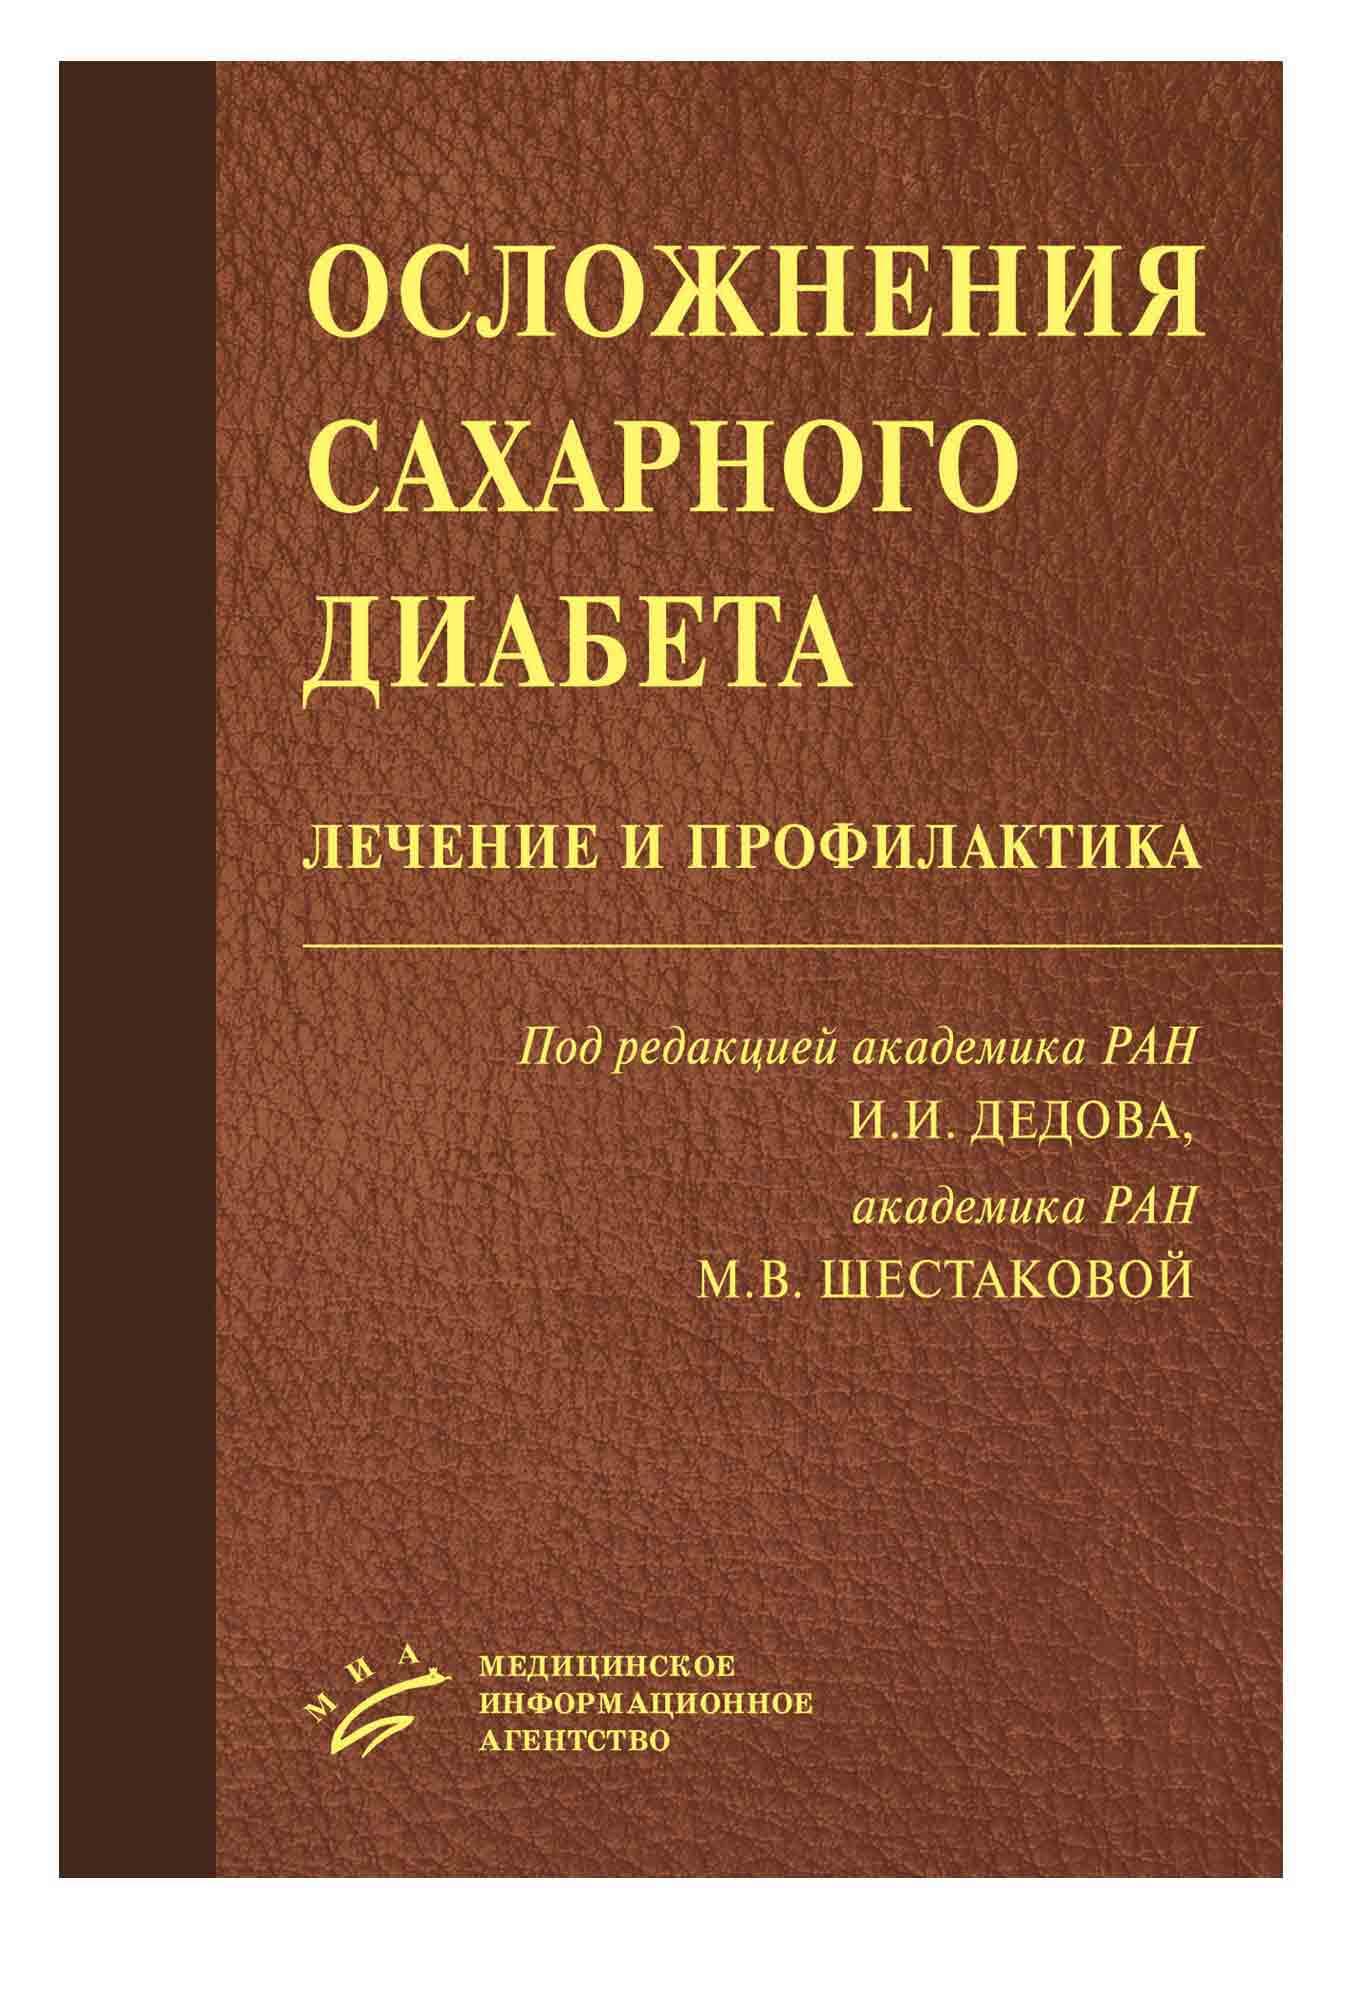 Дедов, Иван Иванович Википедия 79